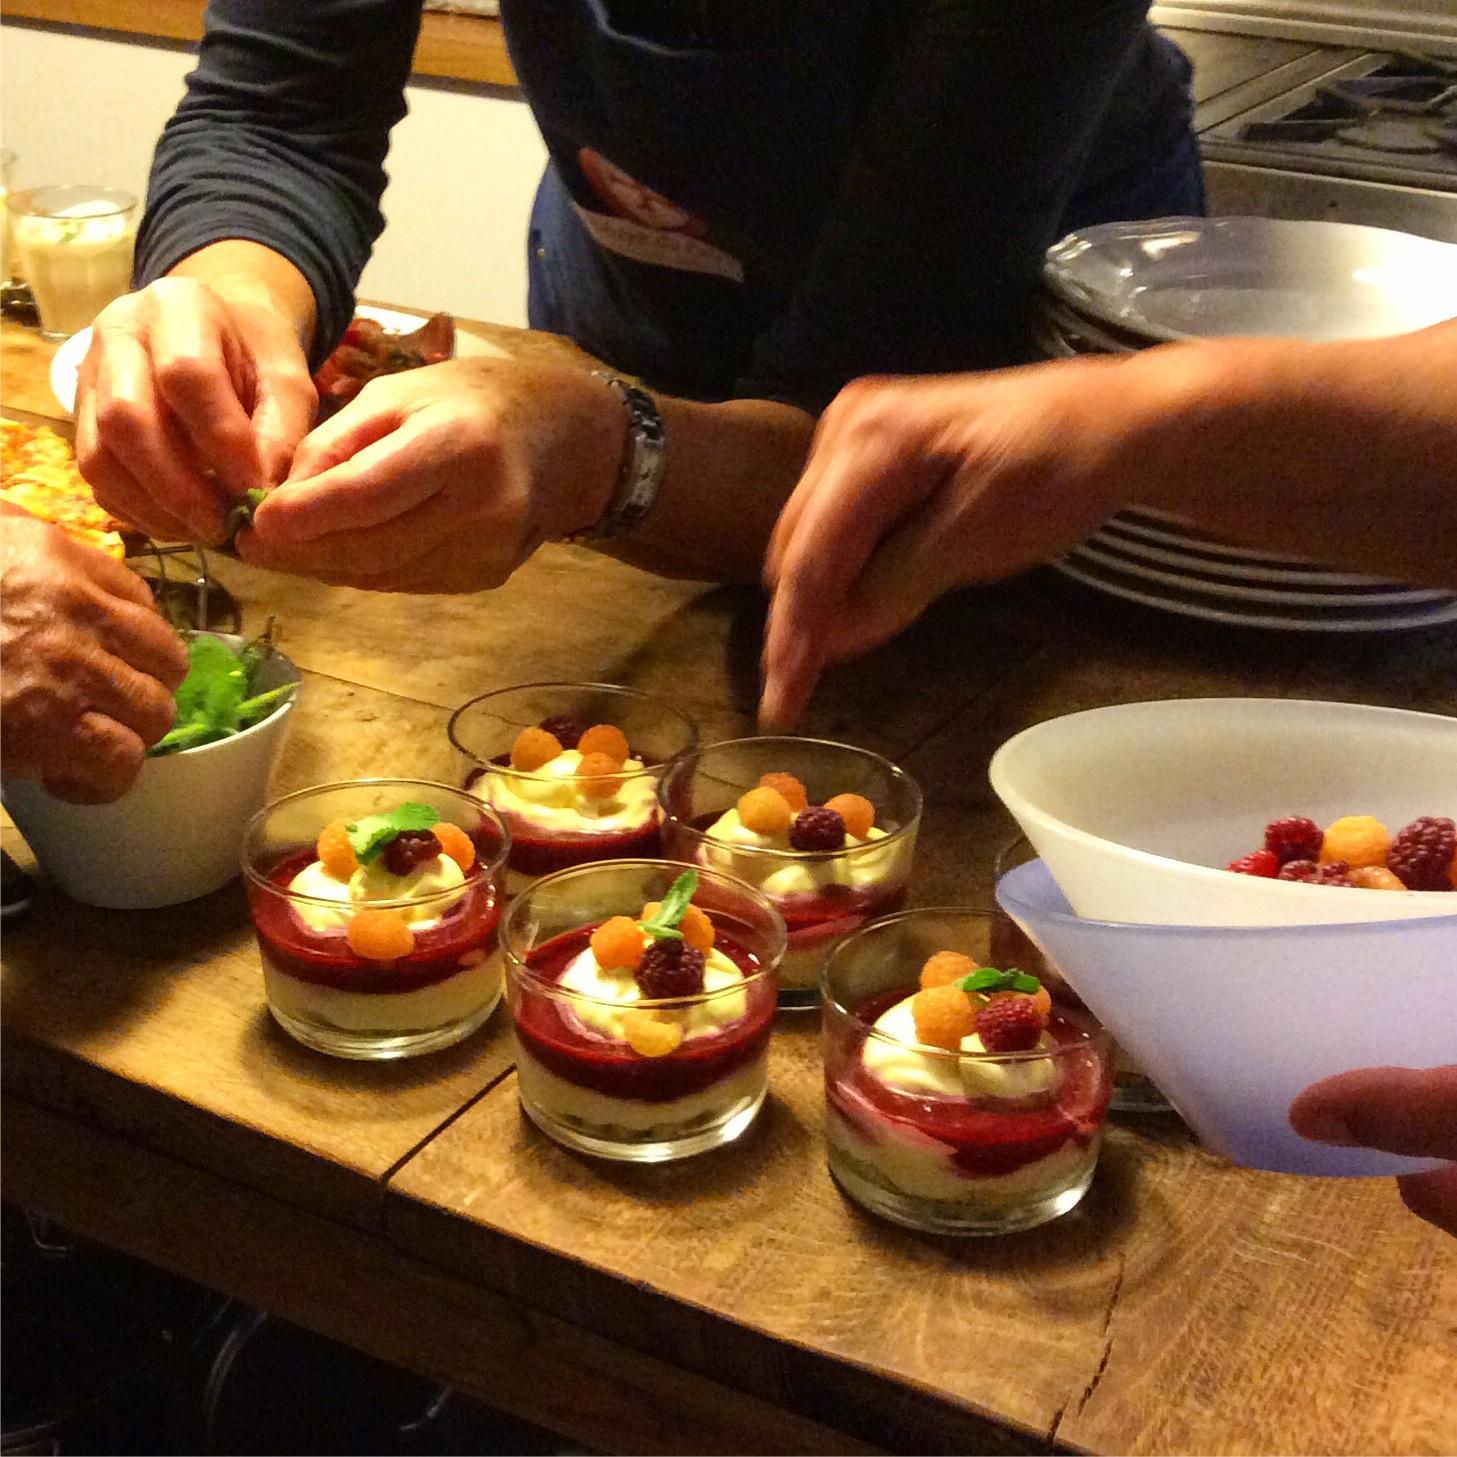 Kookvakantie in de Auvergne in Frankrijk. Kookcursus en genieten van het Franse leven. Kookles in Frankrijk. 2020